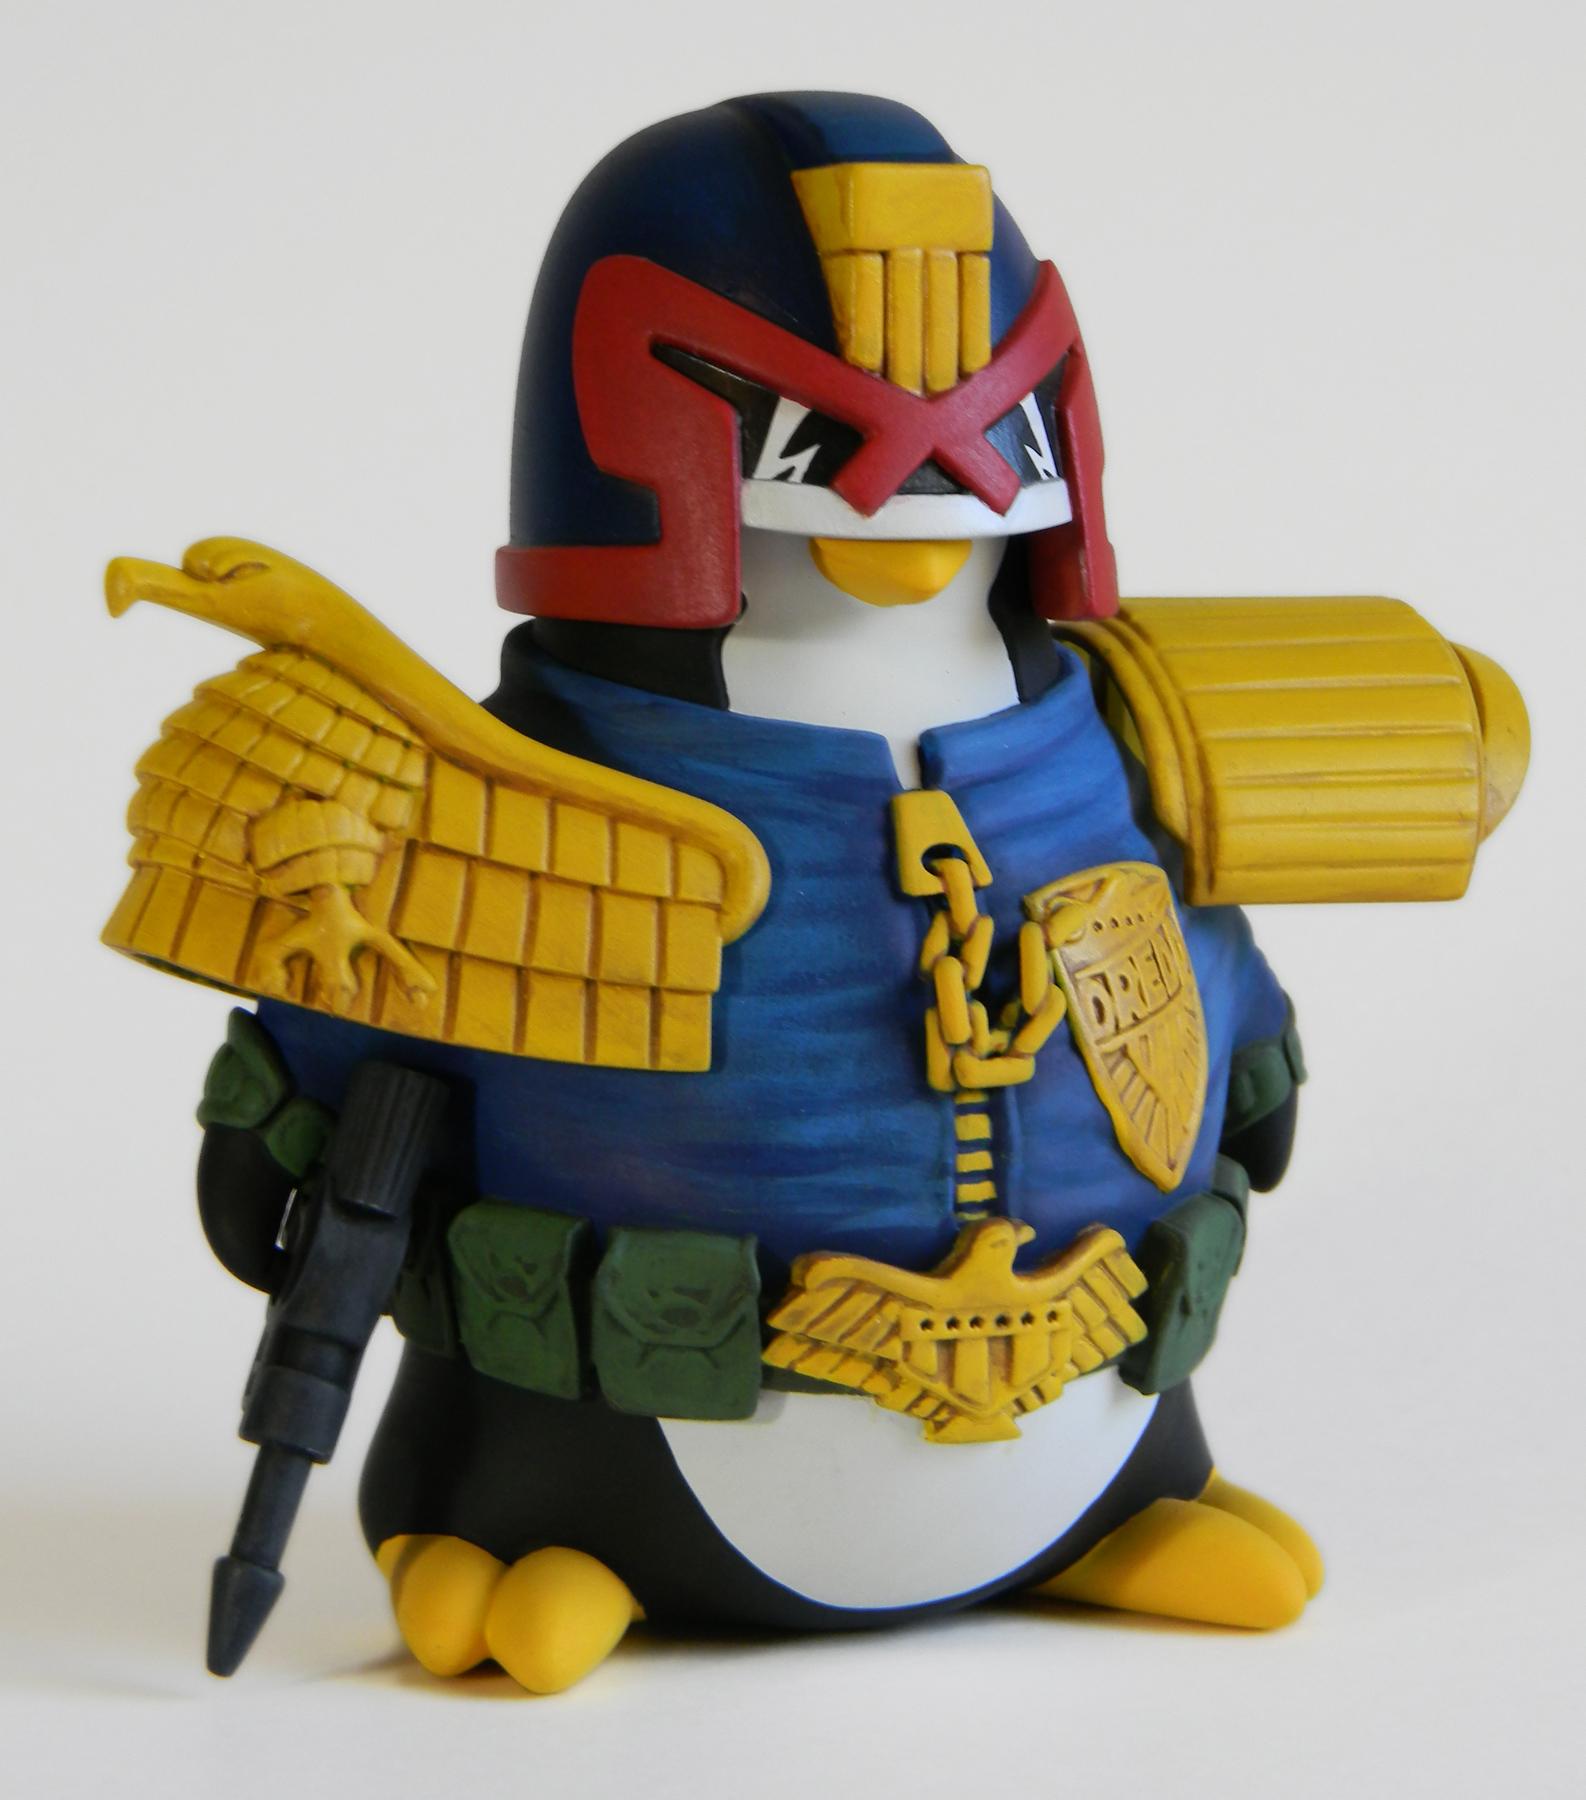 Dinge, von denen ihr nicht wusstet, dass ihr sie wollt: Eine Judge-Dredd-Cosplay-Pinguin-Actionfigur